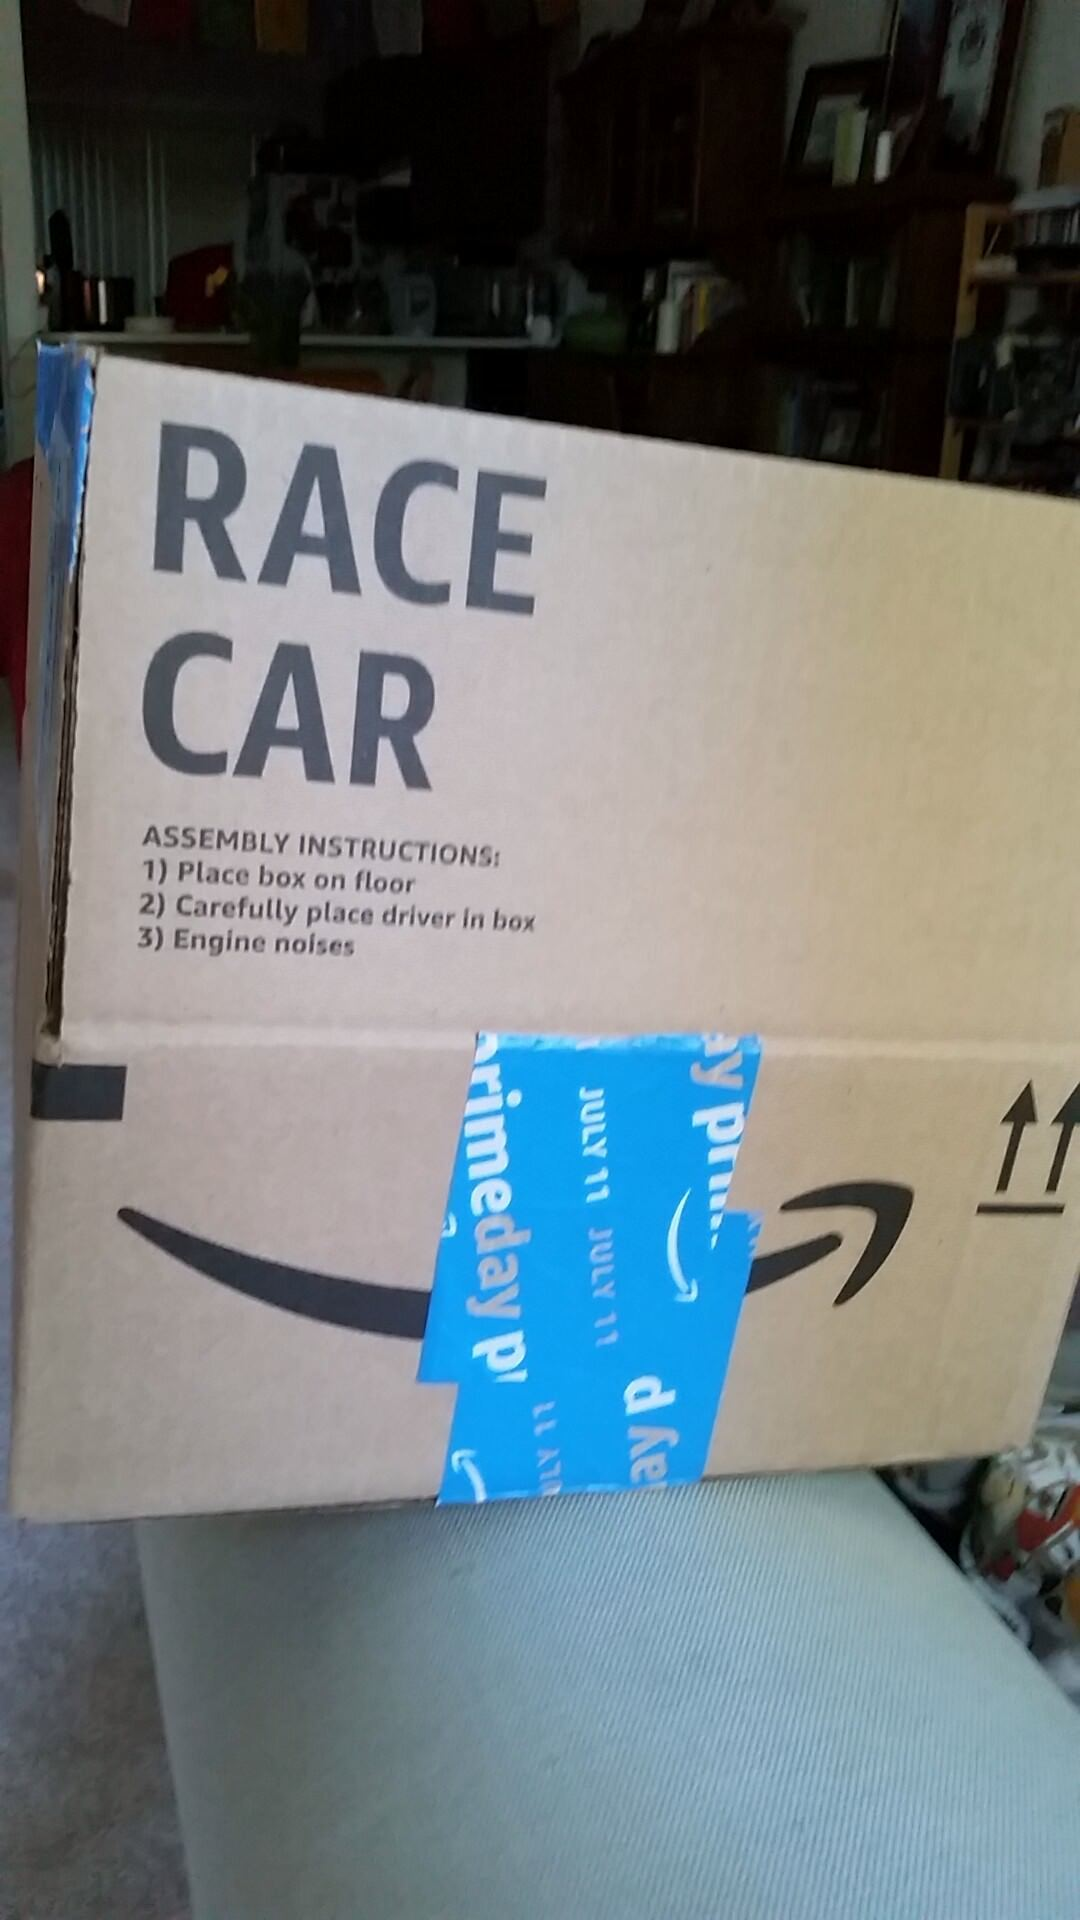 Well played, Amazon.